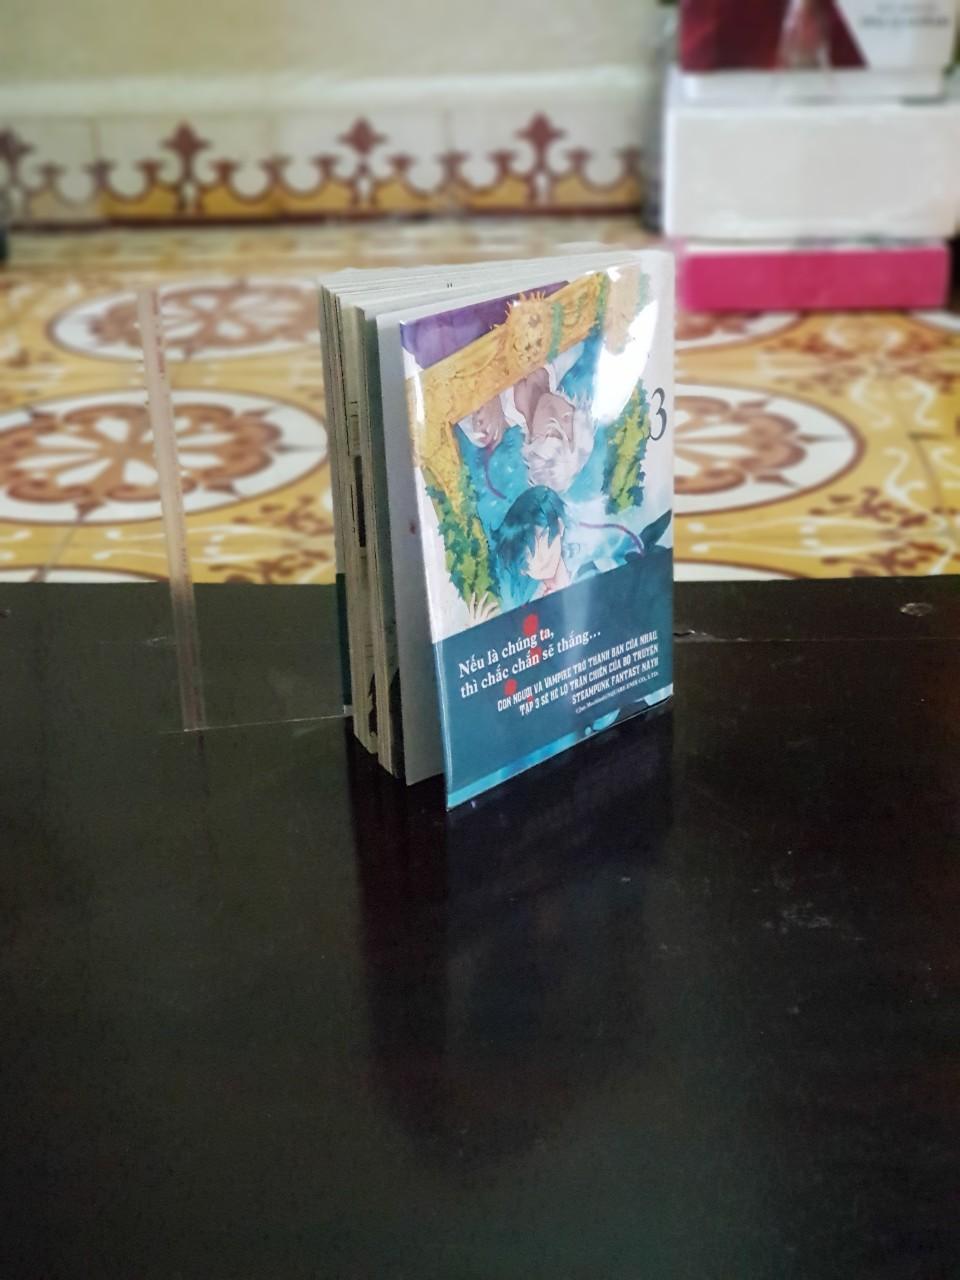 Mua Bọc bìa, bao bìa truyện tranh (khổ 13x18cm) mã sp: TPS (combo 10 cái)